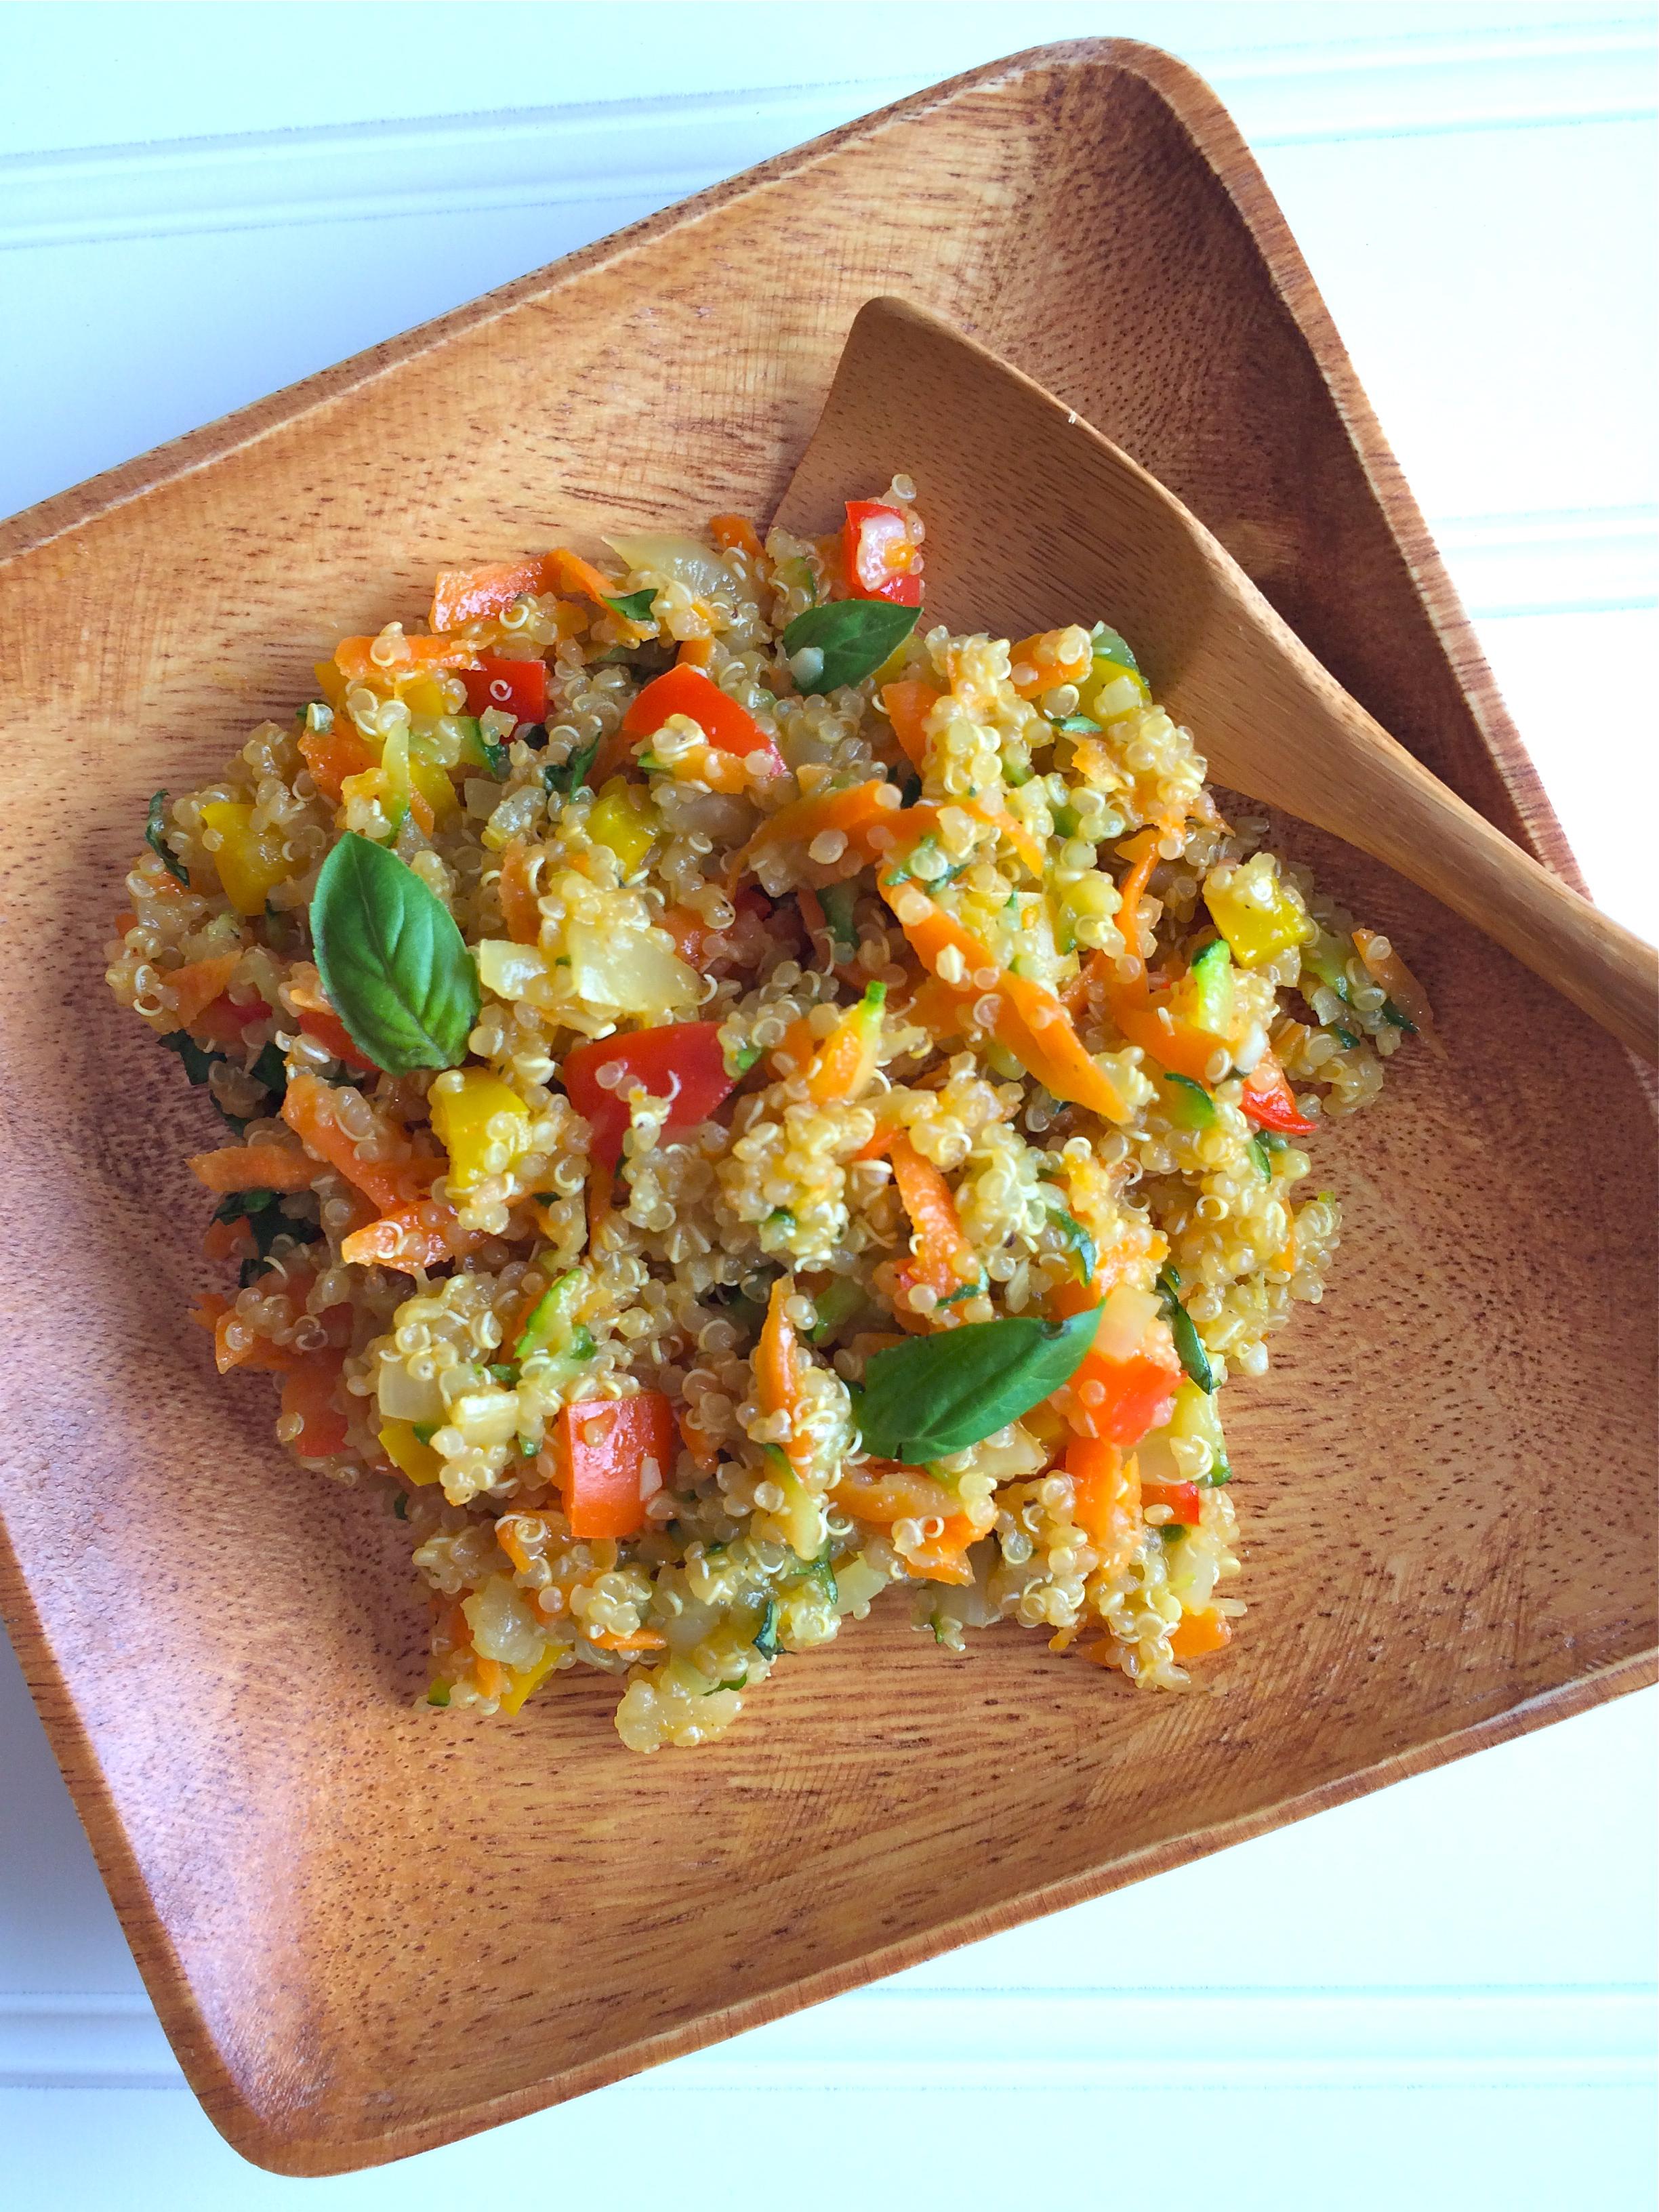 Quinoa au mélange de légumes sur une assiette en bois avec une cuillère en bois